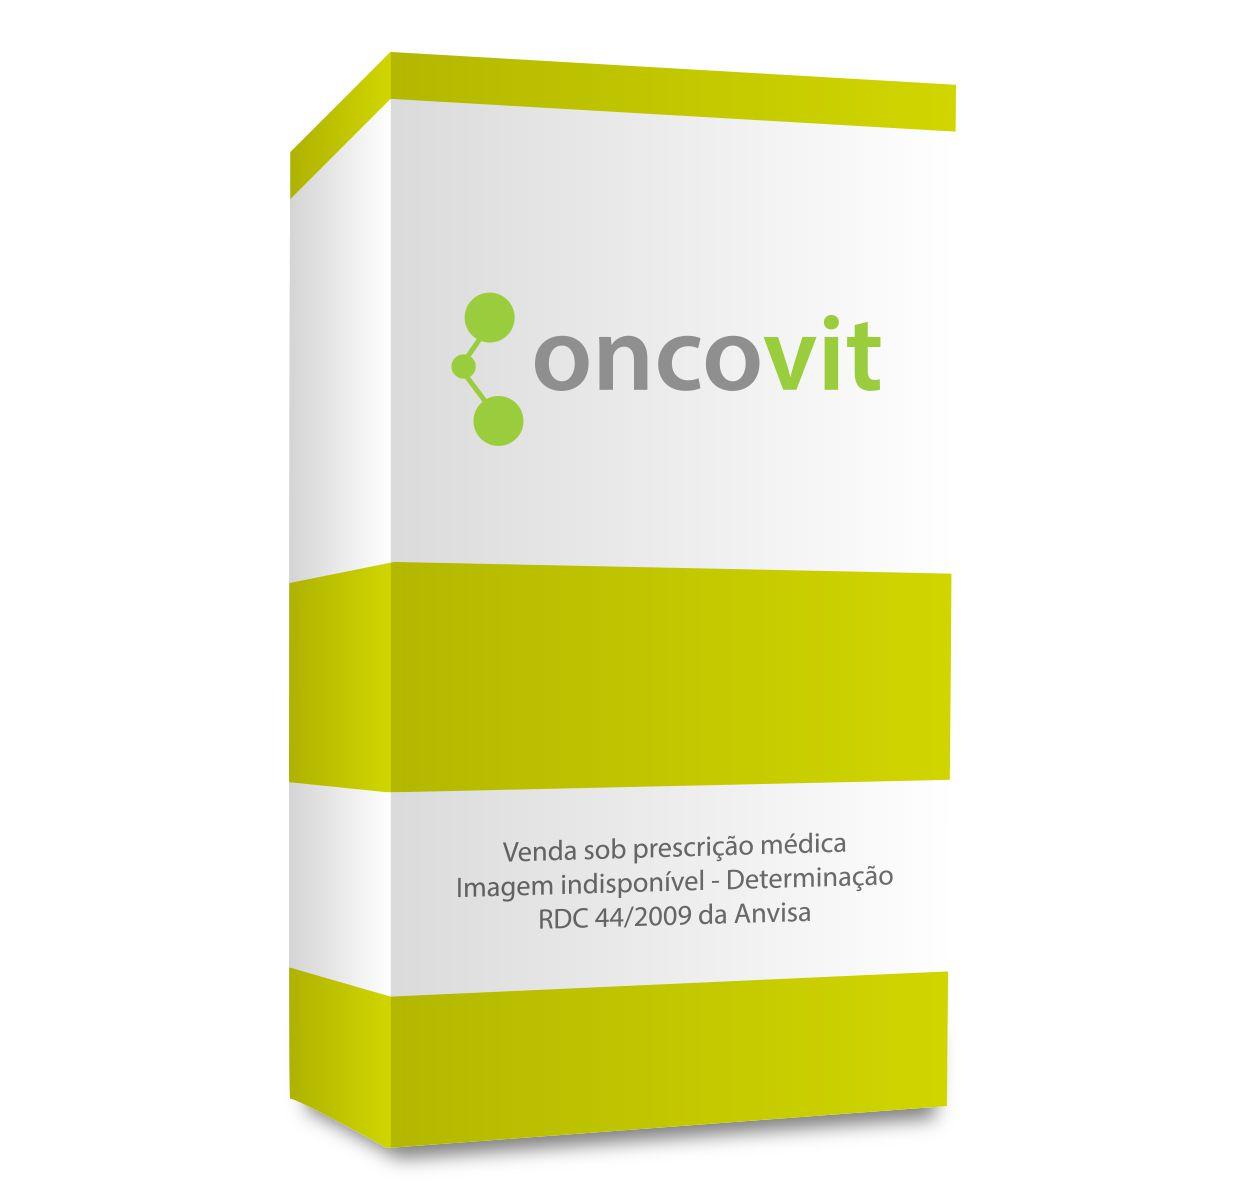 Neo Decapeptyl 11,25mg, caixa contendo 1 frasco-ampola com pó para suspensão de liberação prolongada de uso intramuscular + 1 frasco-ampola com 2mL de diluente